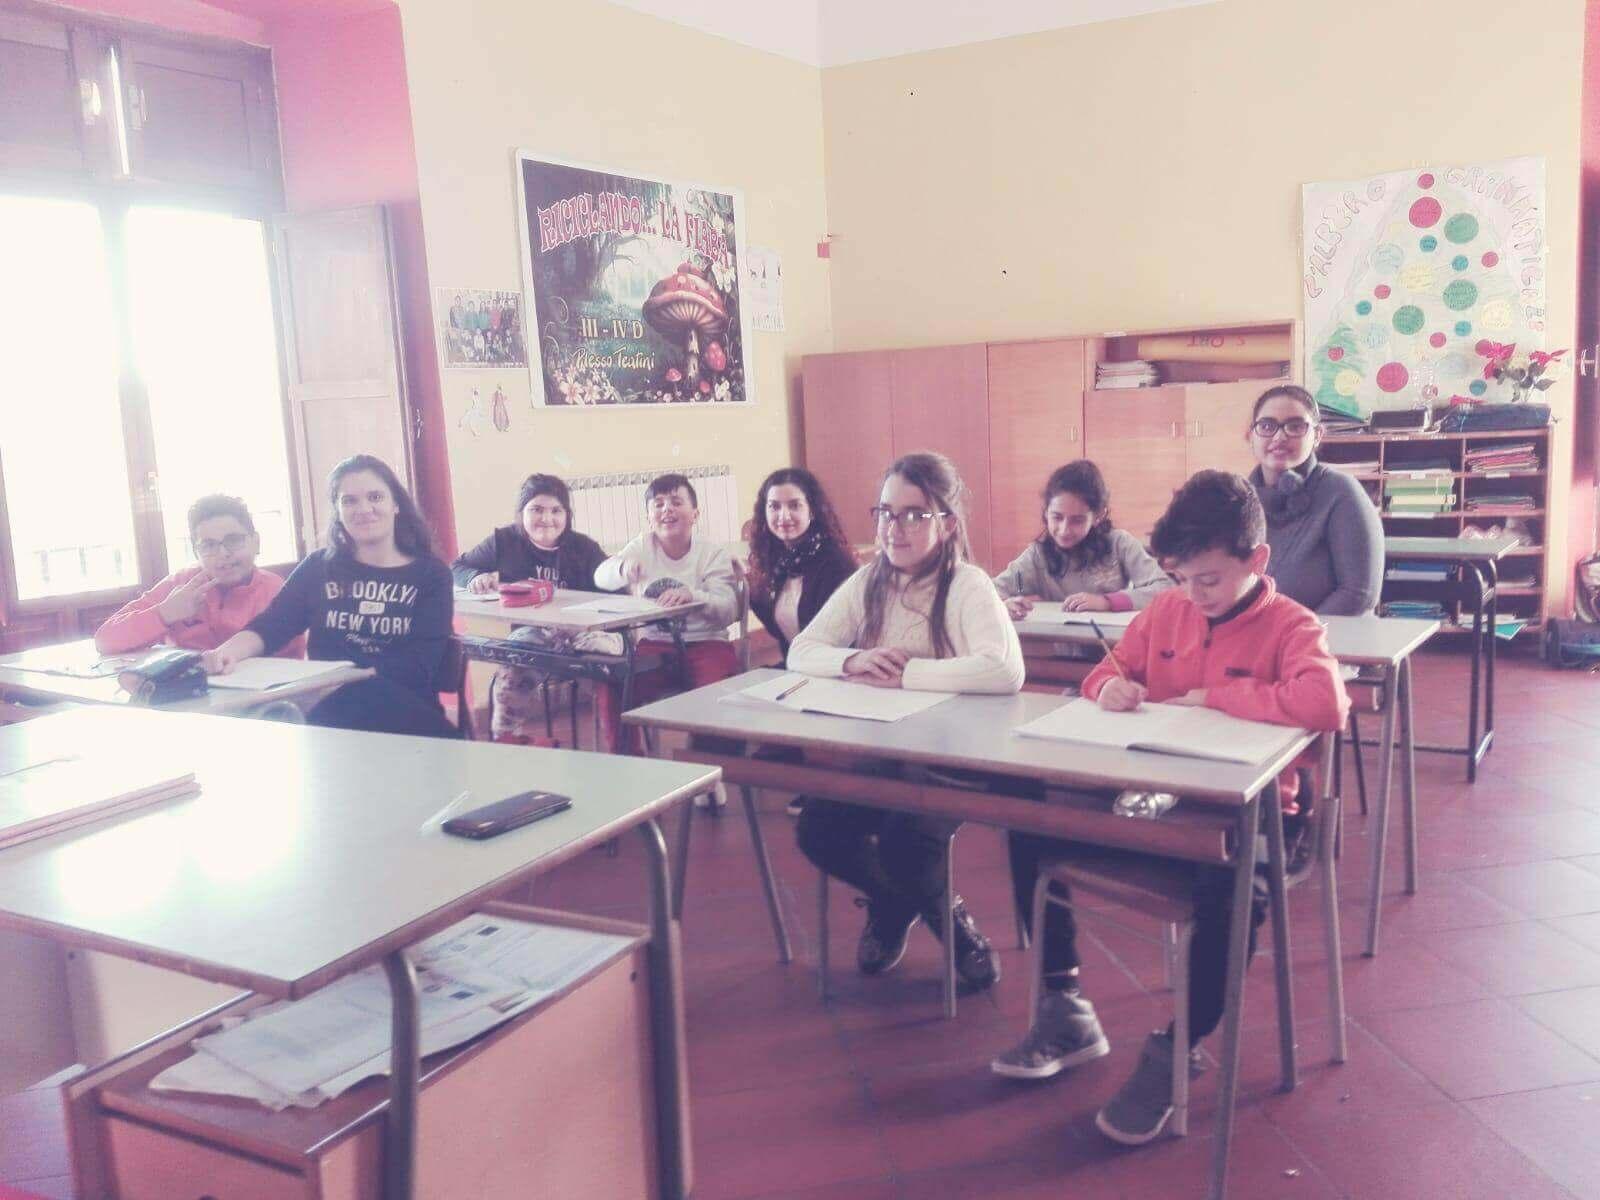 progetto alternanza scuola lavoro - gli alunni che insegnano francese